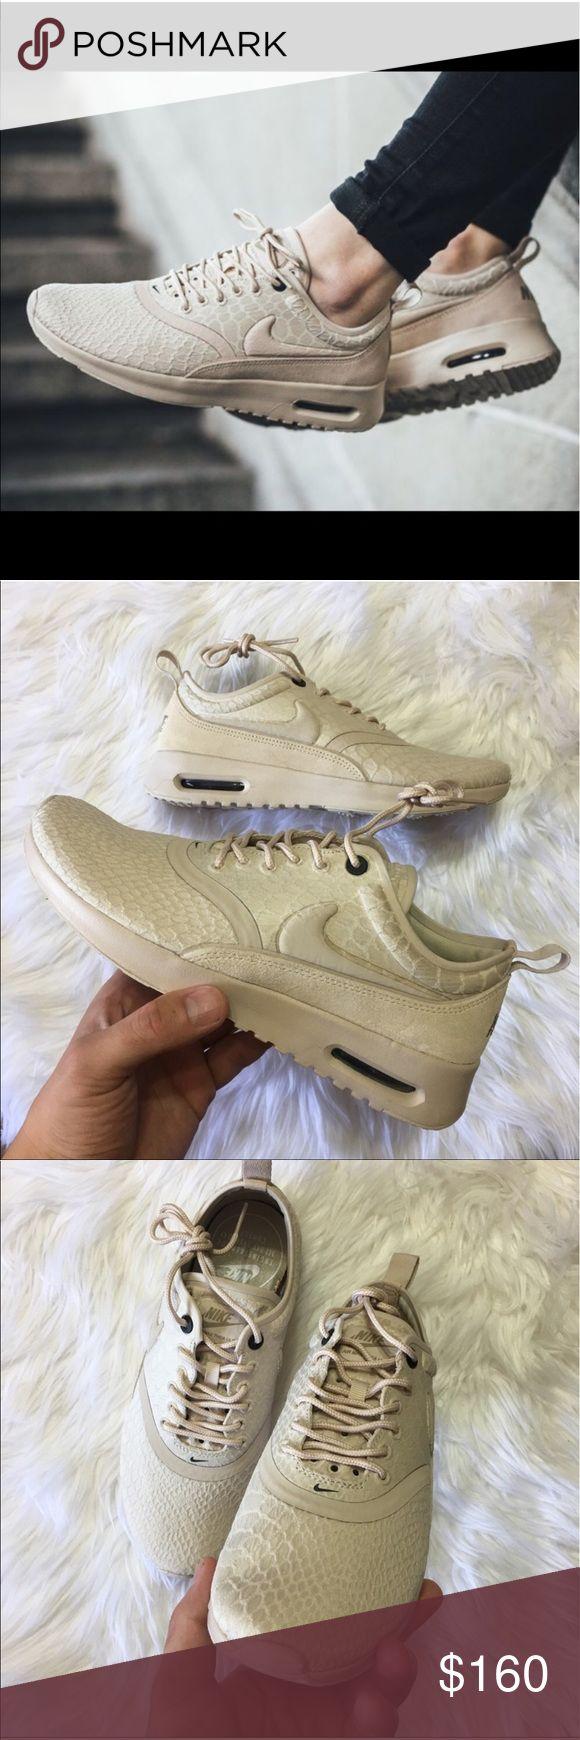 e00f55032795ca ... OFFER 🆙 Nike Air Max Thea SE Ultra Oatmeal NWT ...